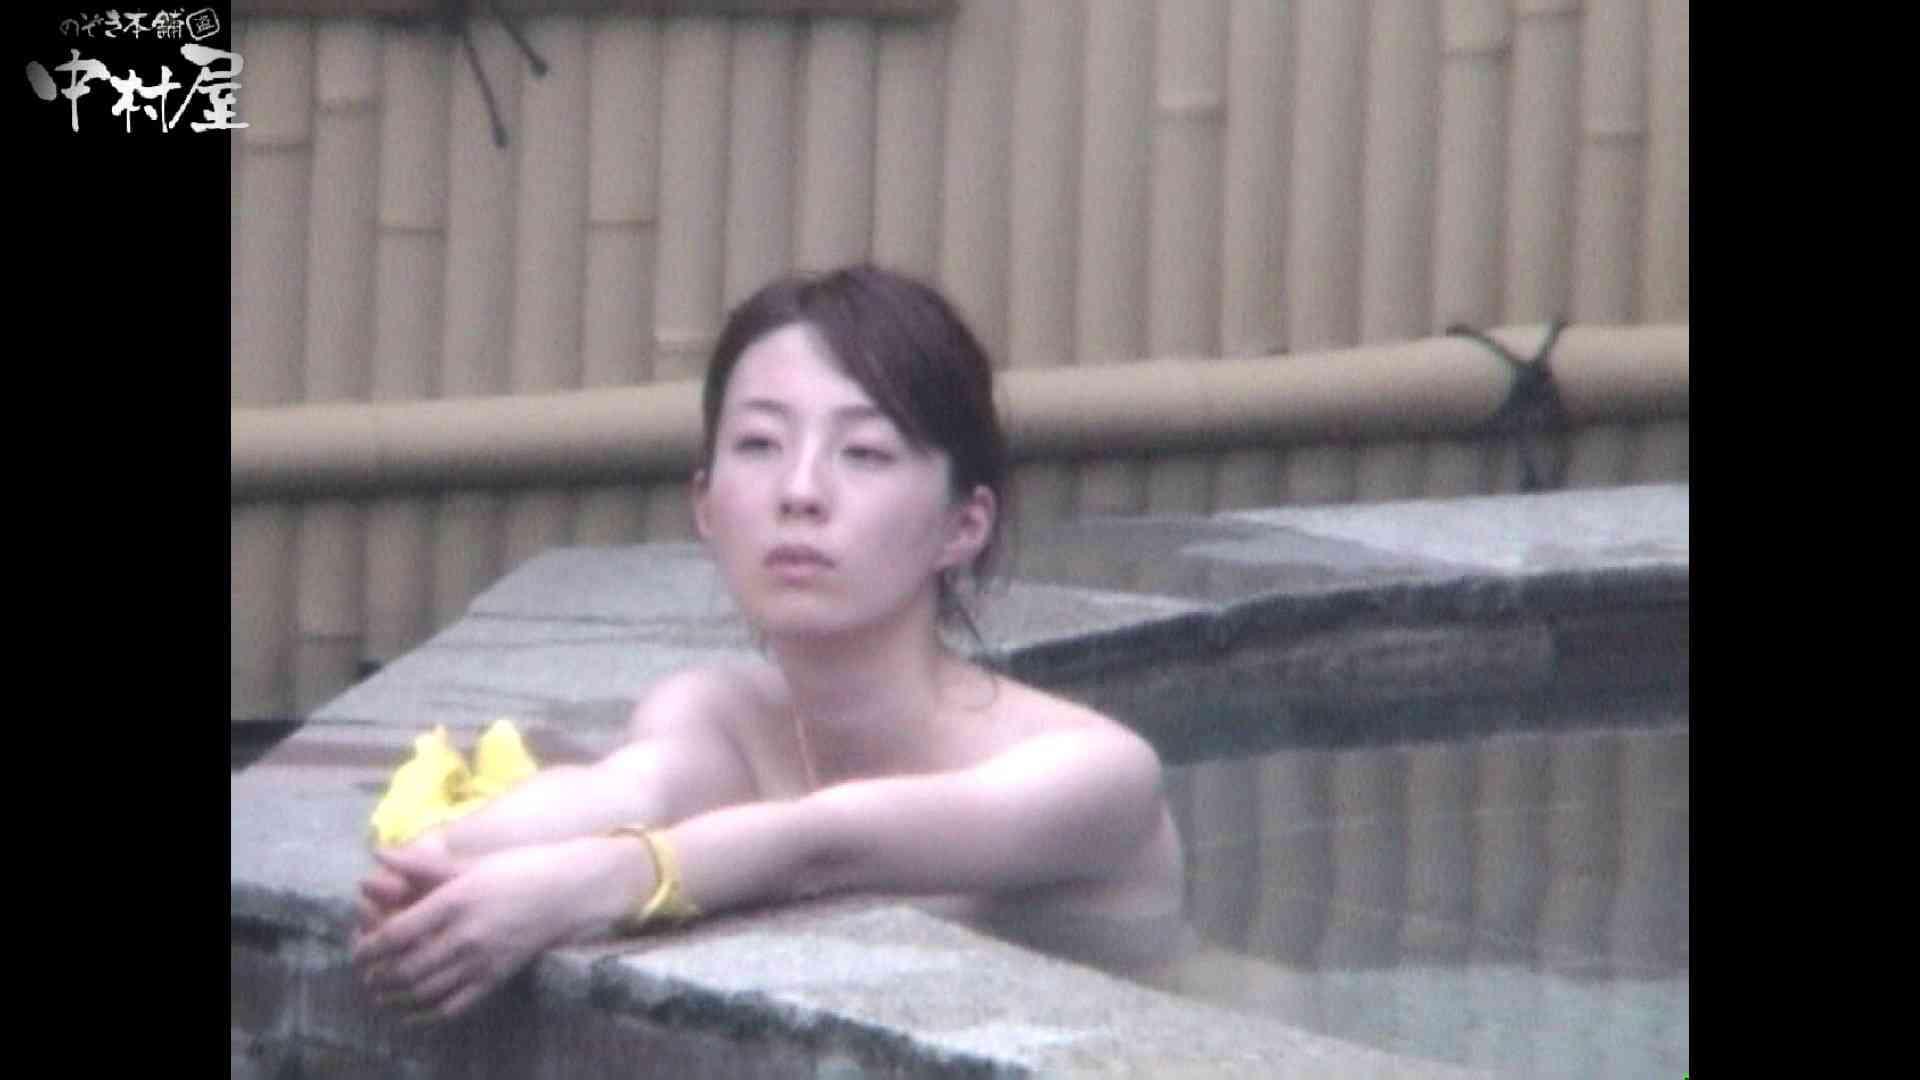 Aquaな露天風呂Vol.964 美しいOLの裸体   盗撮師作品  104pic 97